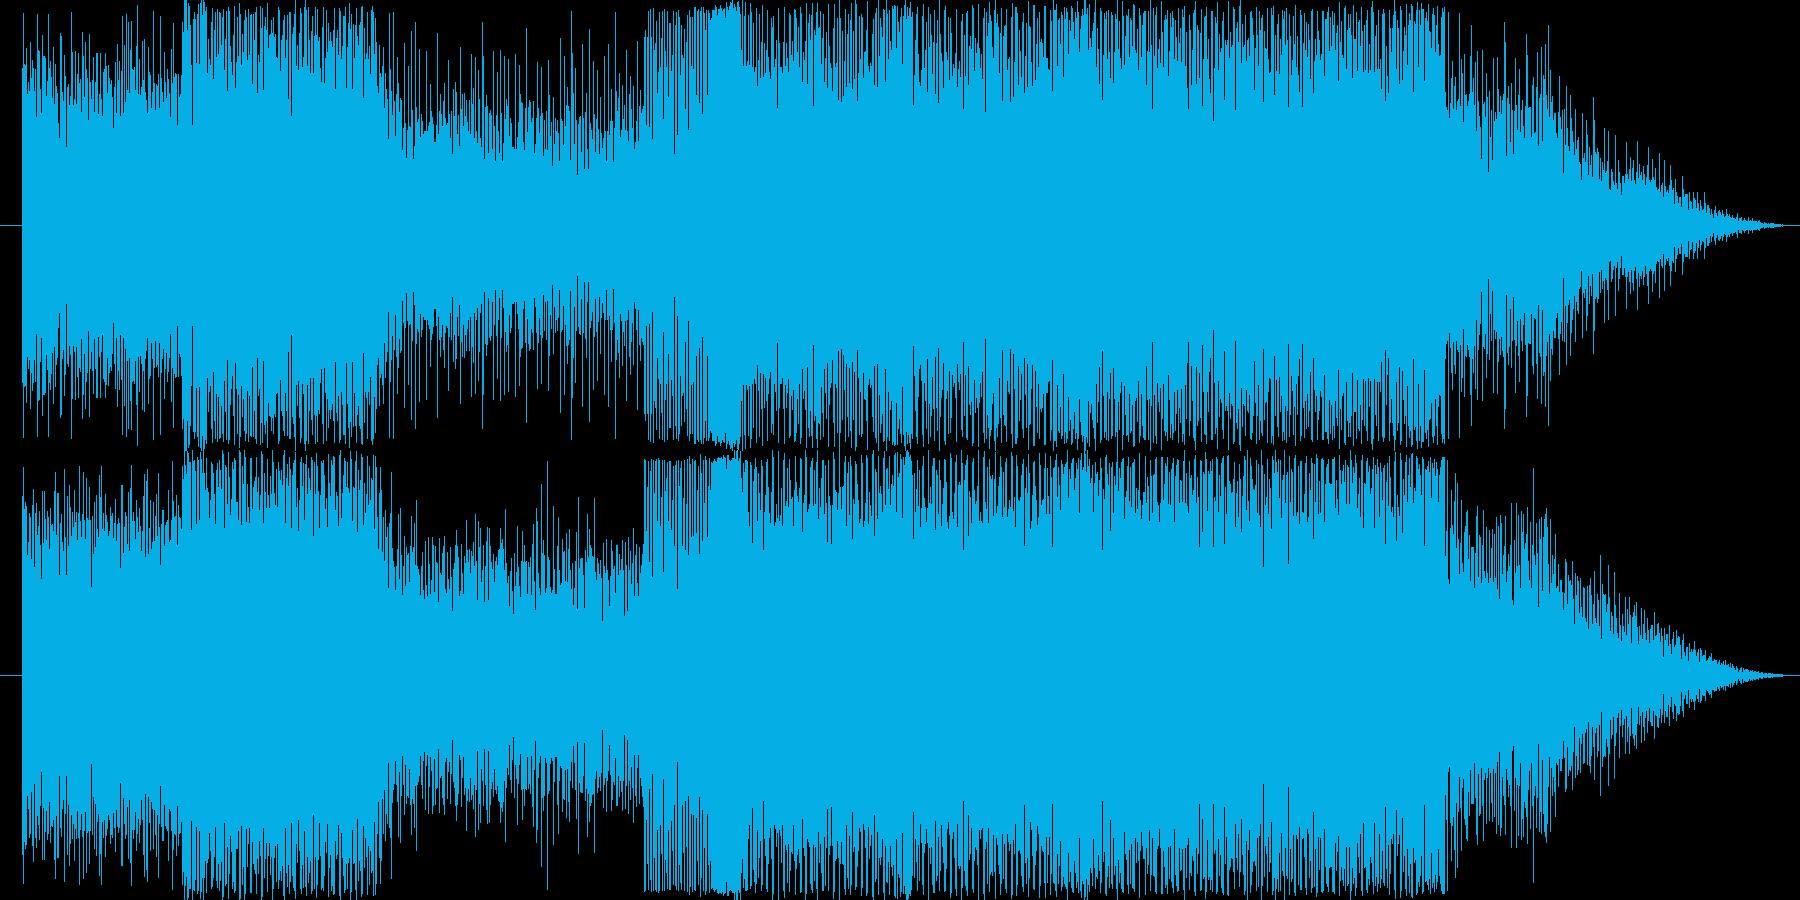 テクノ系サウンドとなっております。様々…の再生済みの波形